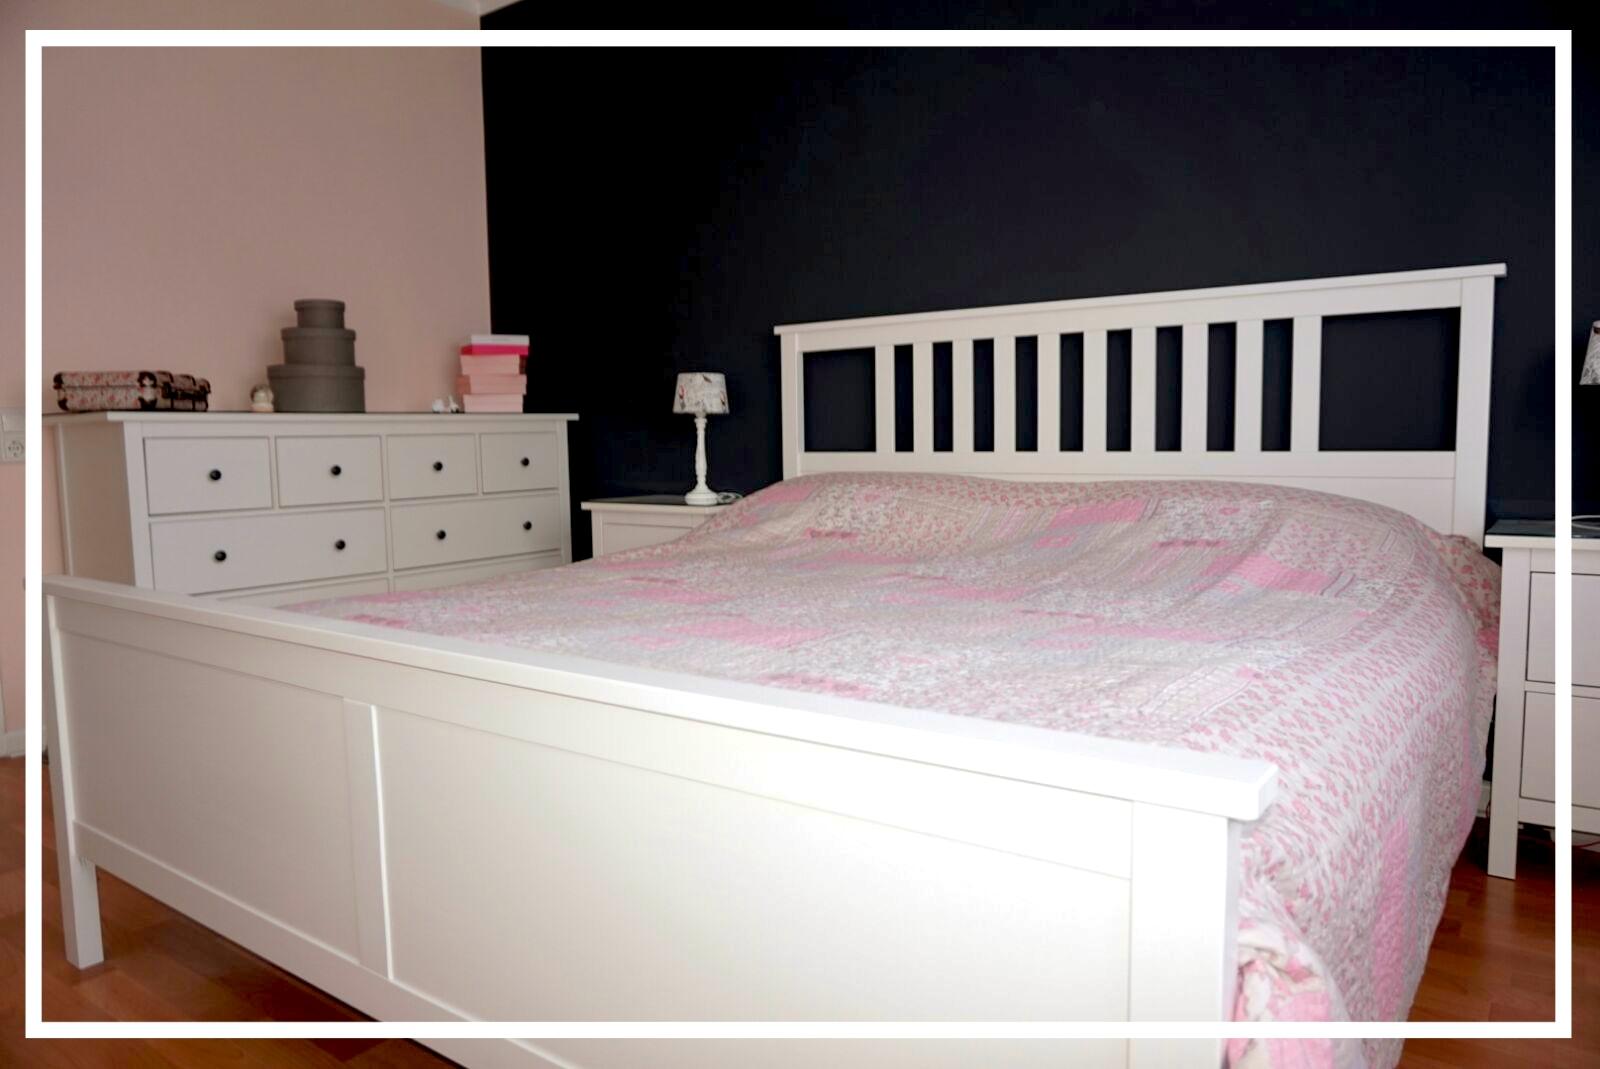 Full Size of Raumgestaltung Mit Schne Farben Hochwertige Malerarbeiten Küche Rosa Wohnzimmer Wandfarbe Rosa